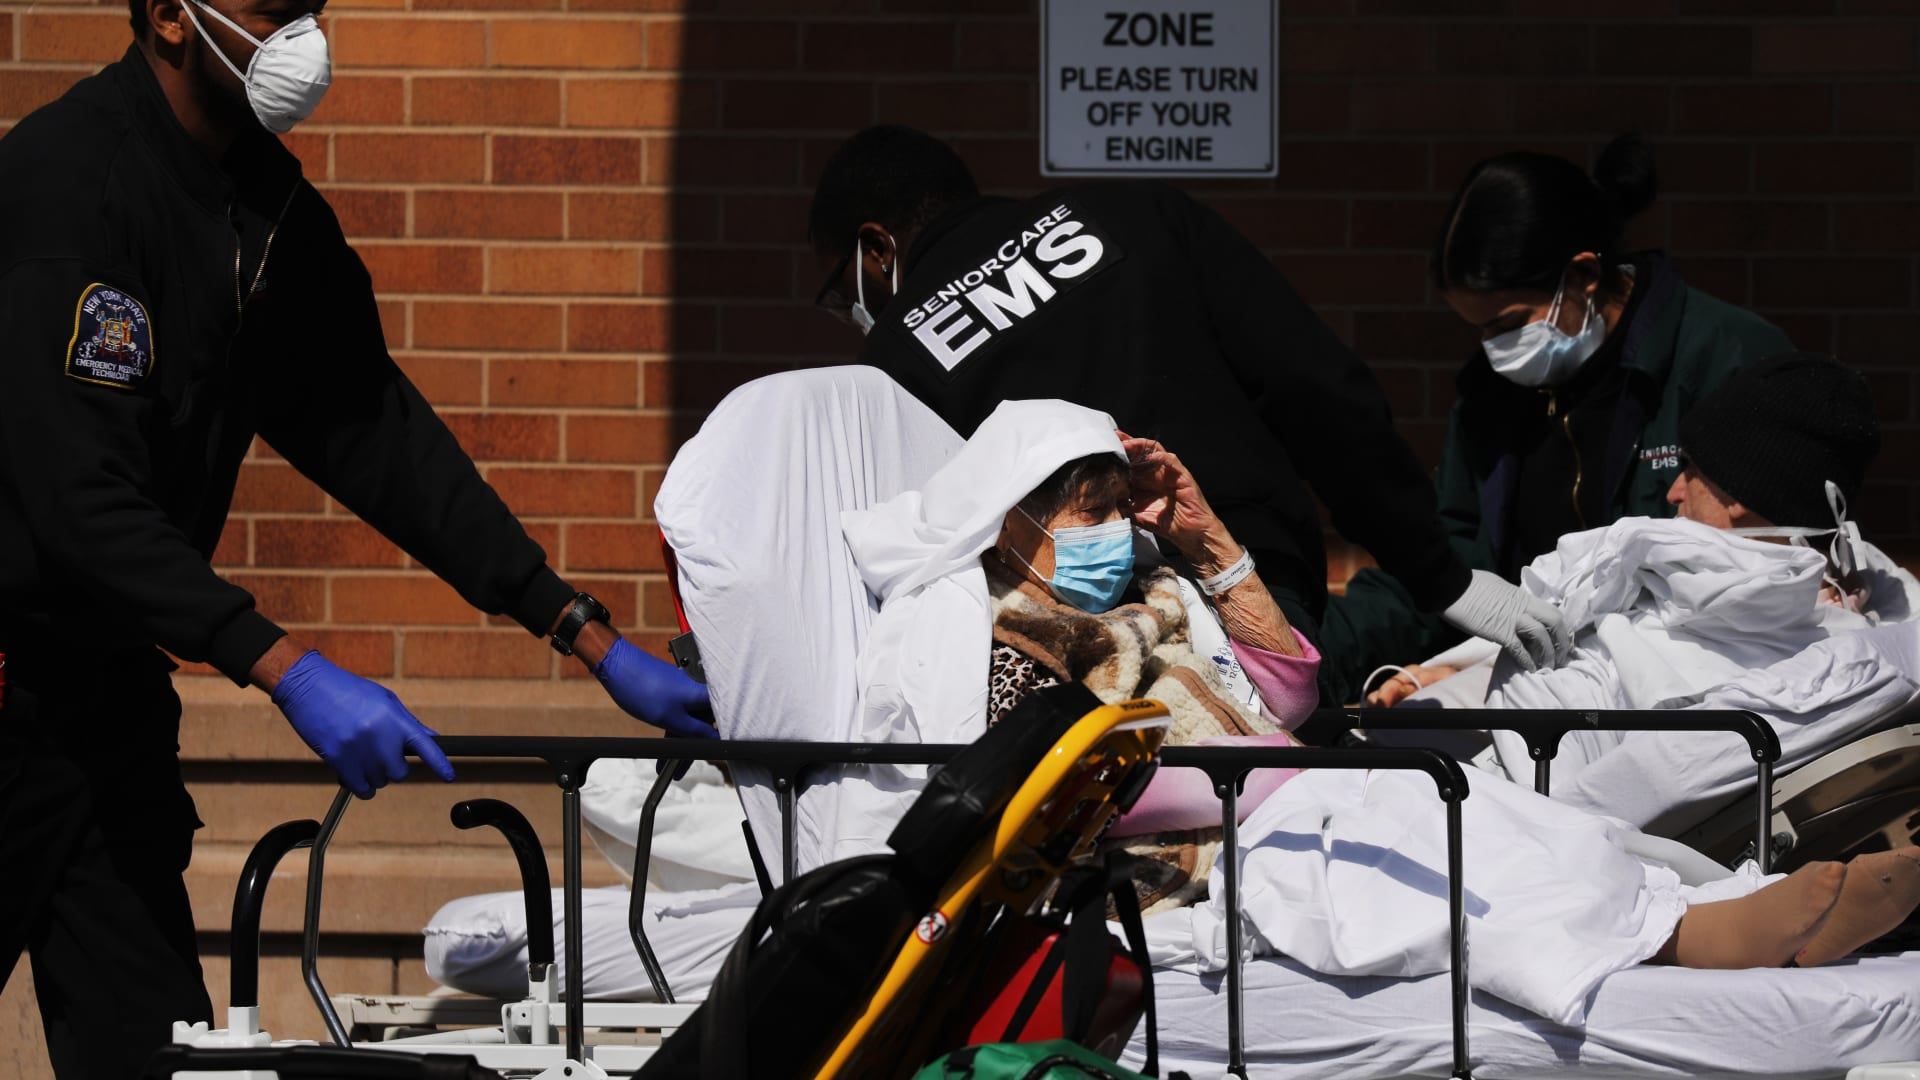 إليكم سبب ارتفاع معدل وفيات فيروس كورونا في أمريكا مقارنة بدول العالم